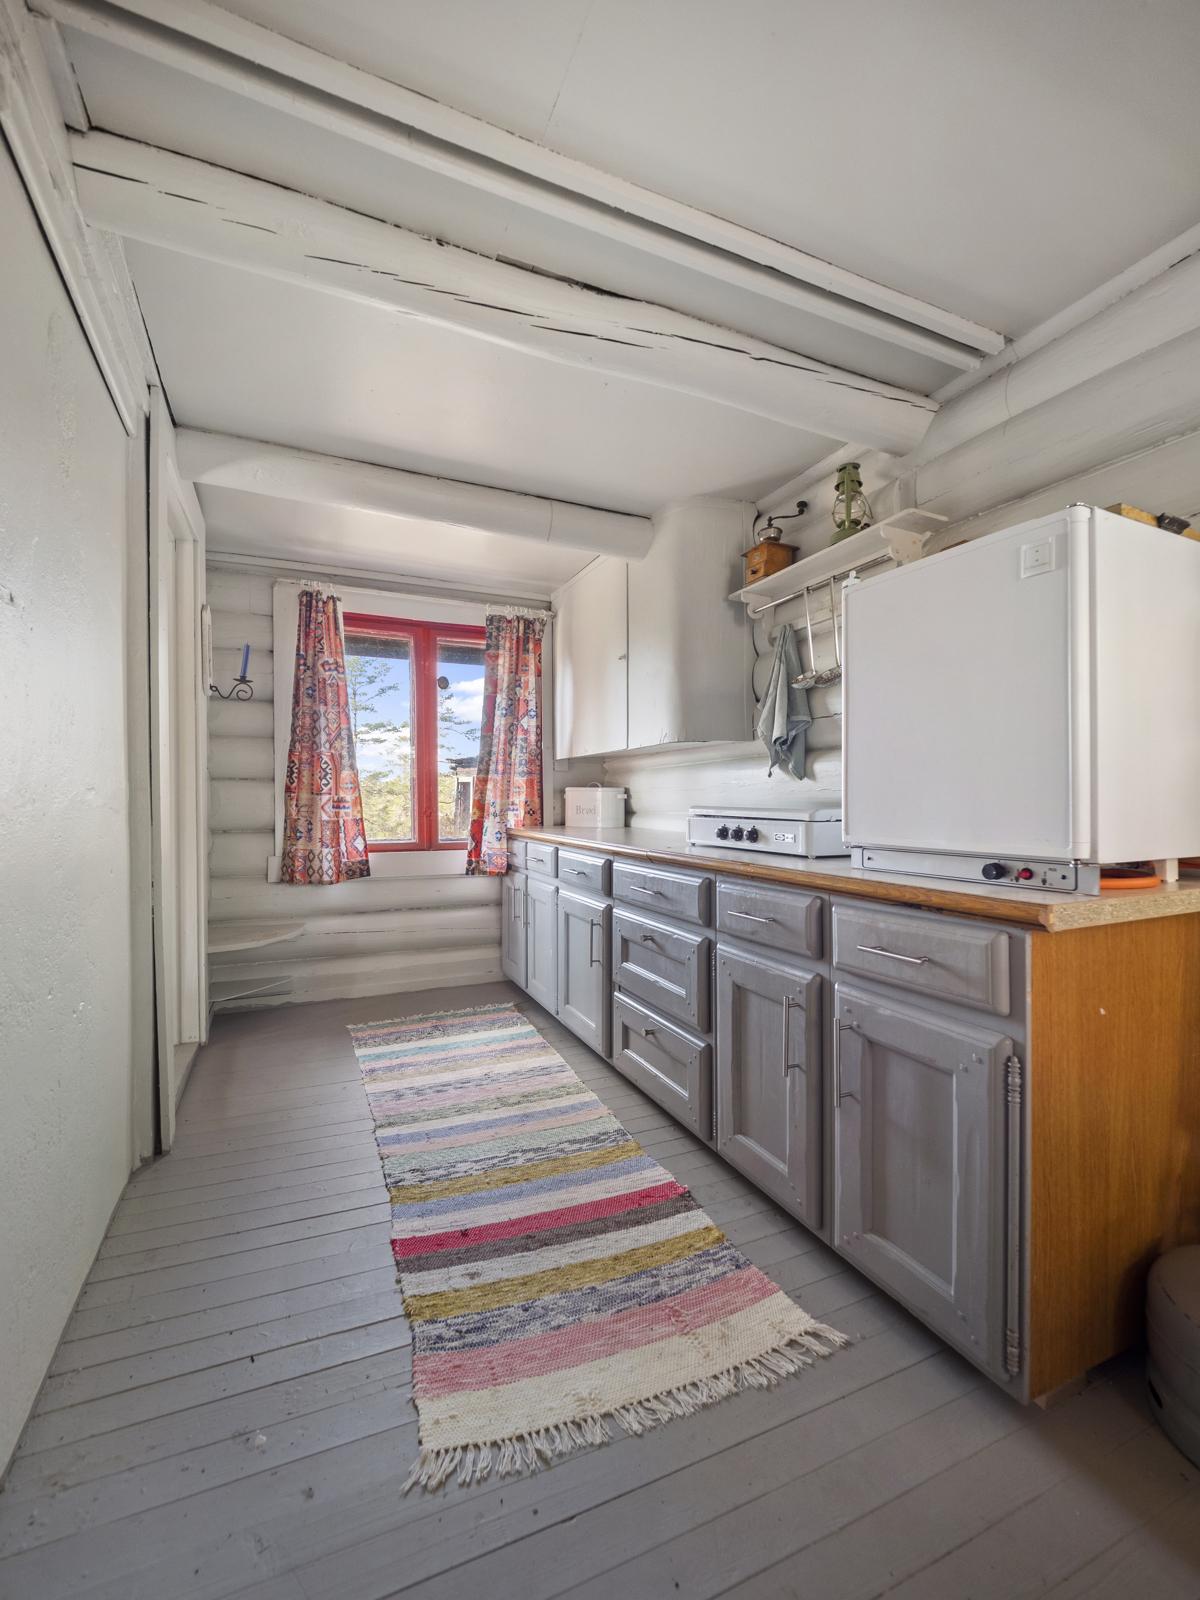 Kjøkkenet er utstyrt med gassbluss - Det medfølger strømaggregat